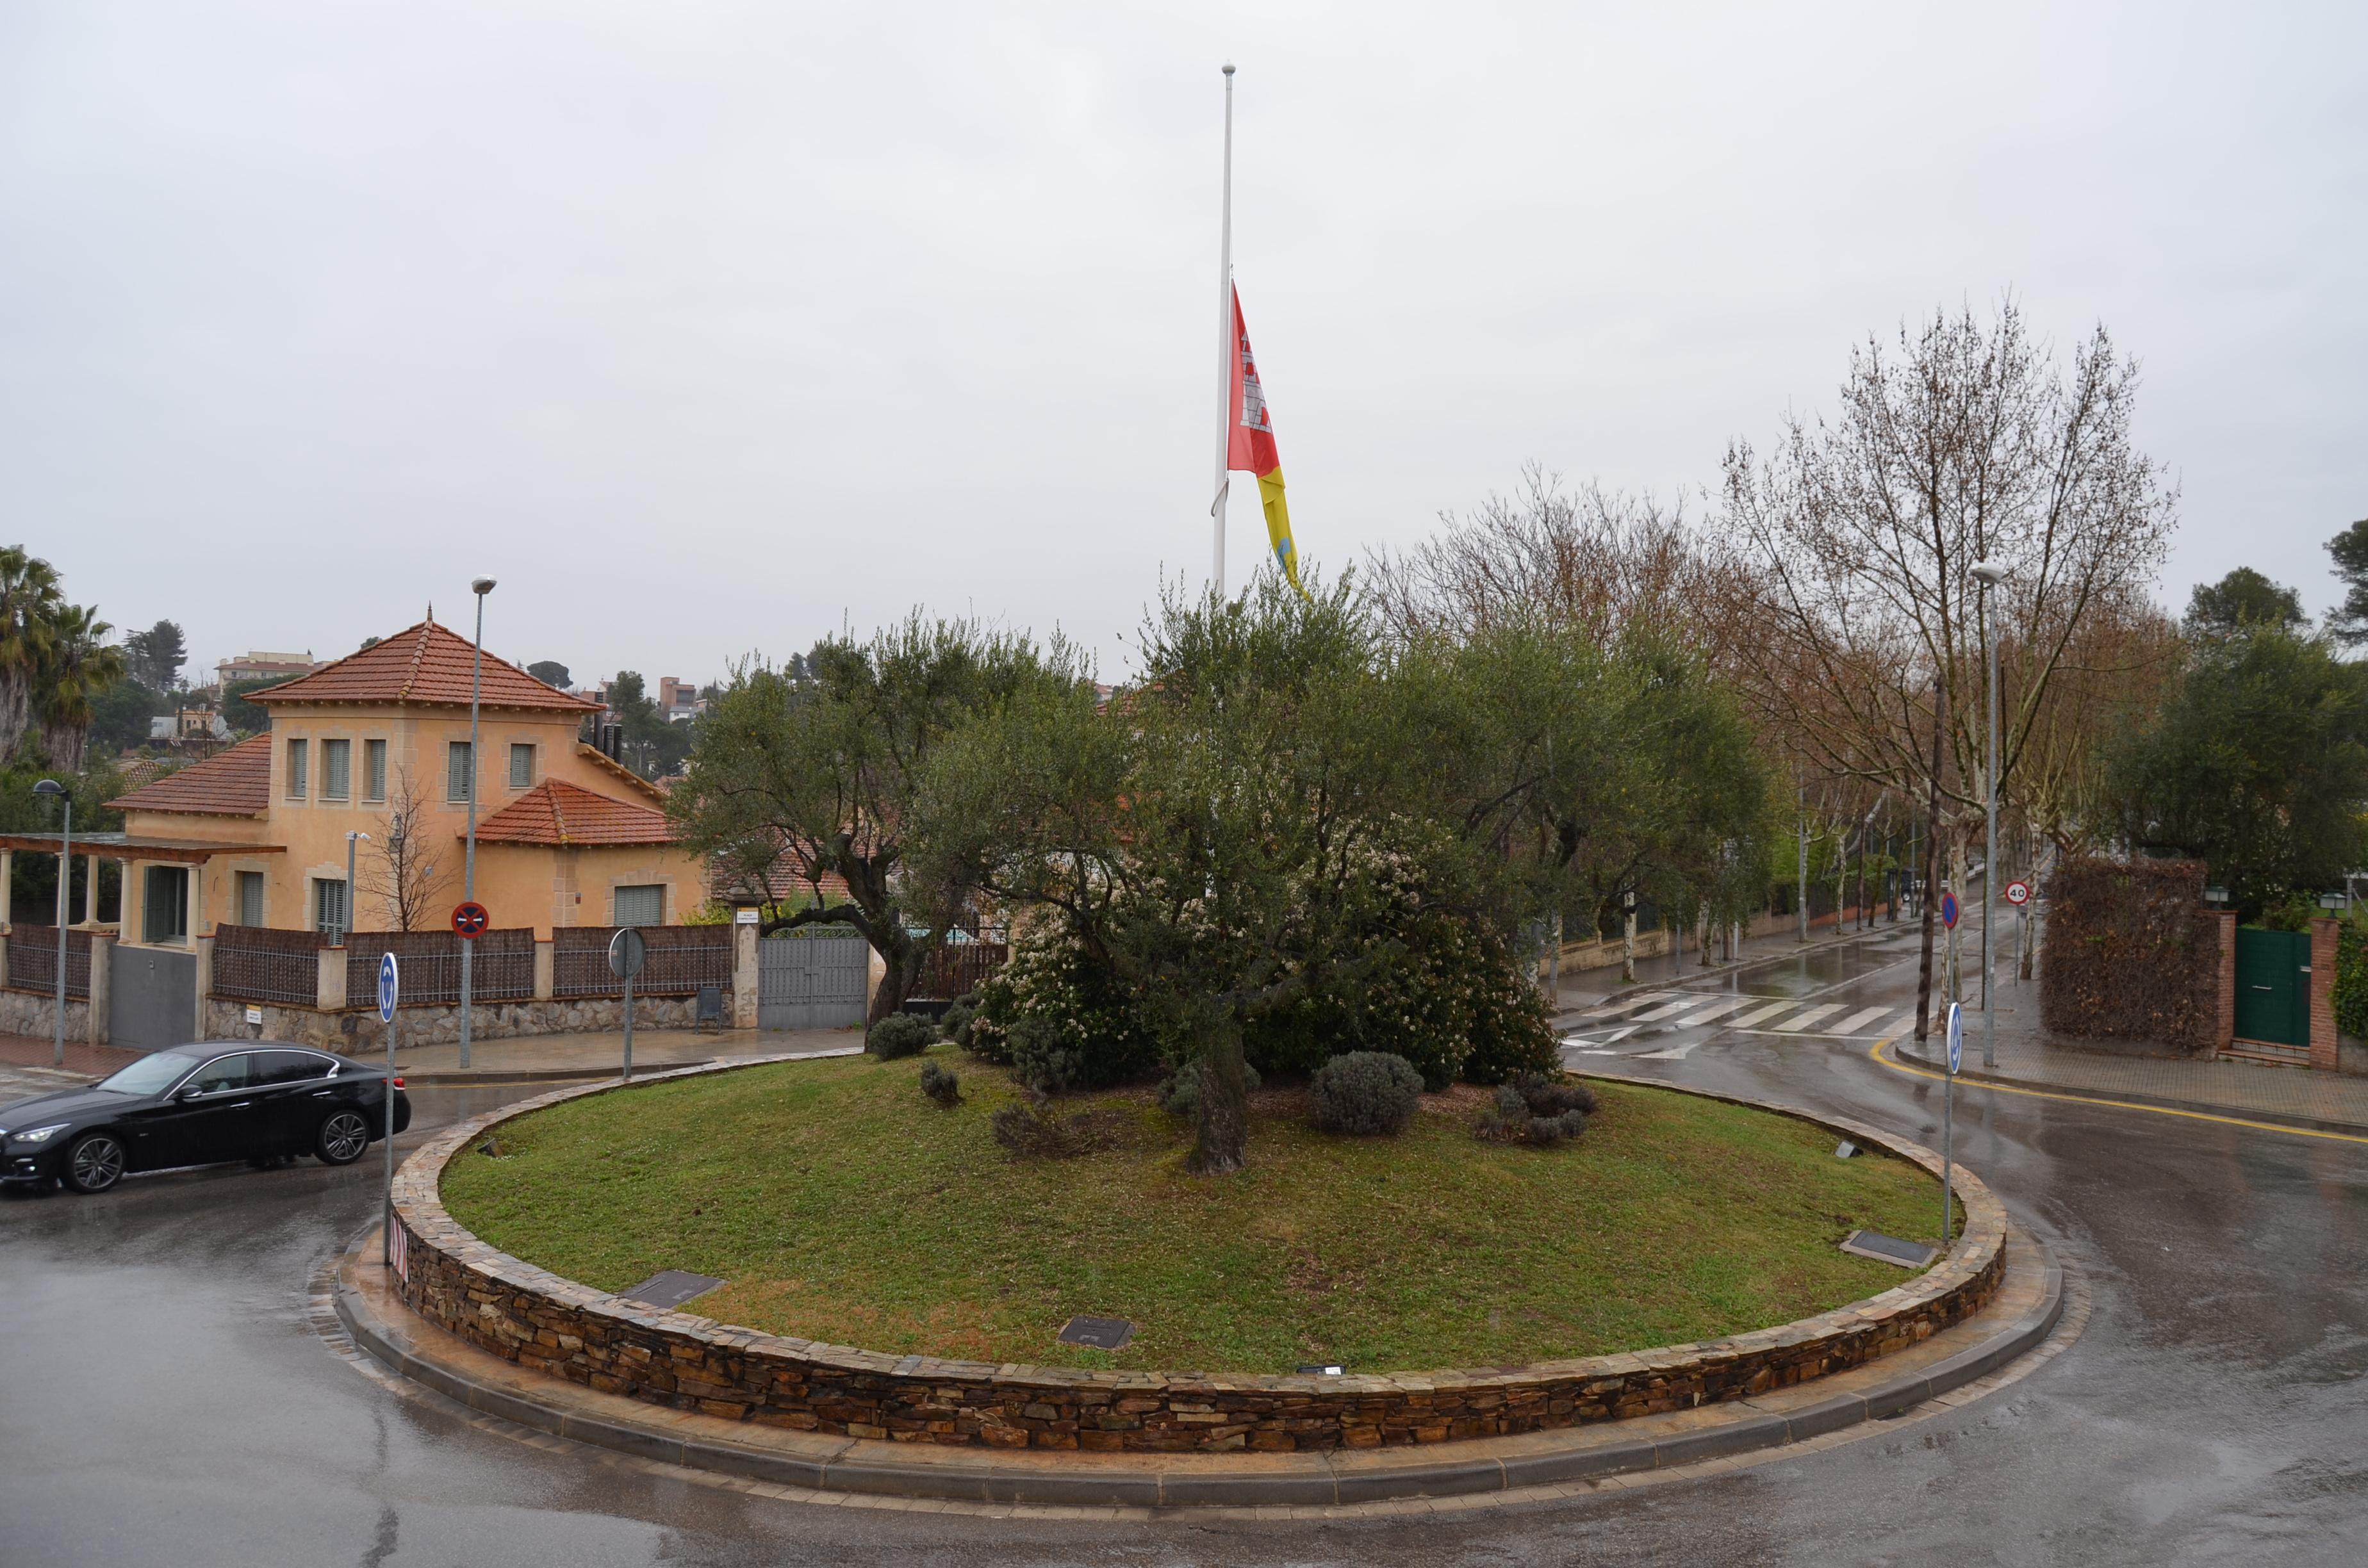 Bandera a mig pal a la plaça Pompeu Fabra, davant de la Casa de la Vila